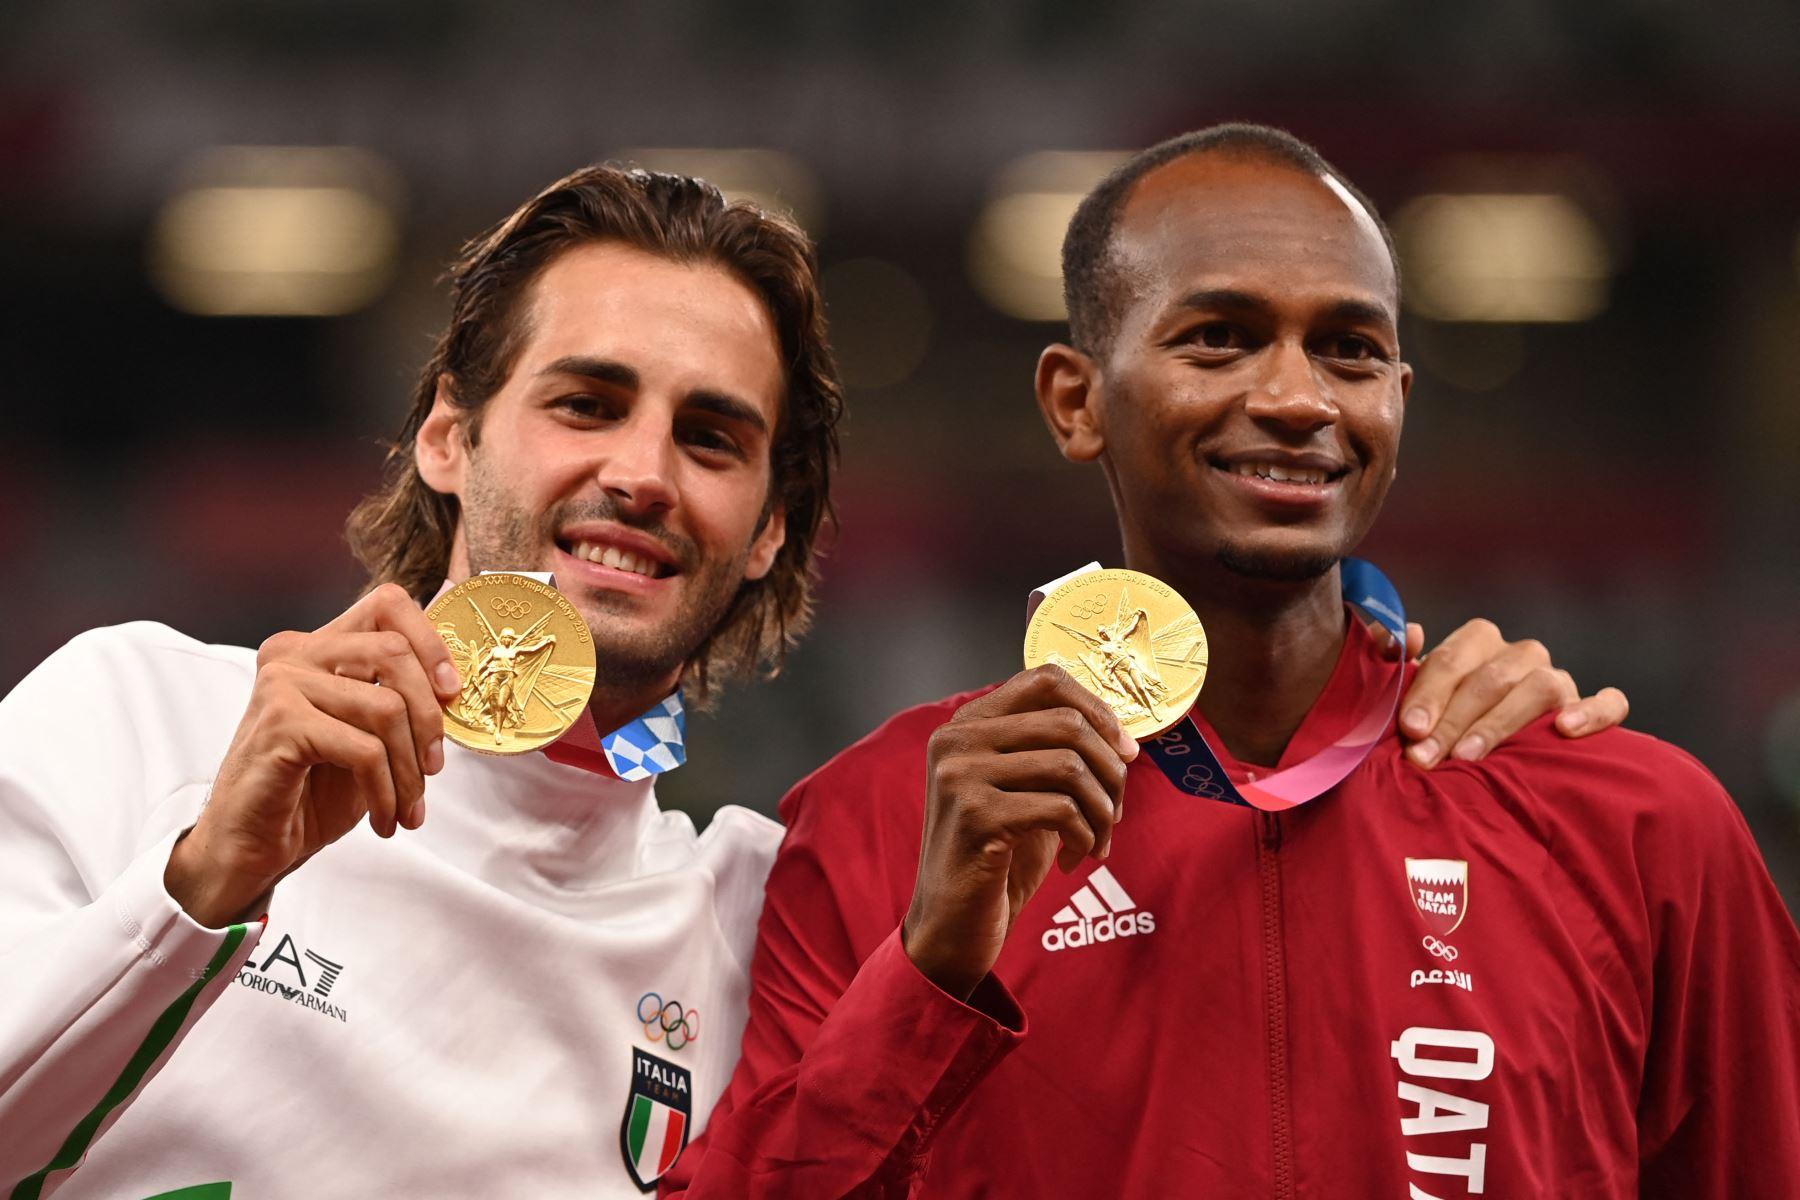 Los medallistas de oro conjuntos Mutaz Essa Barshim de Qatar y Gianmarco Tamberi de Italia posan en el podio de la final masculina de salto de altura durante los Juegos Olímpicos de Tokio 2020 en el Estadio Olímpico de Tokio. Foto: AFP